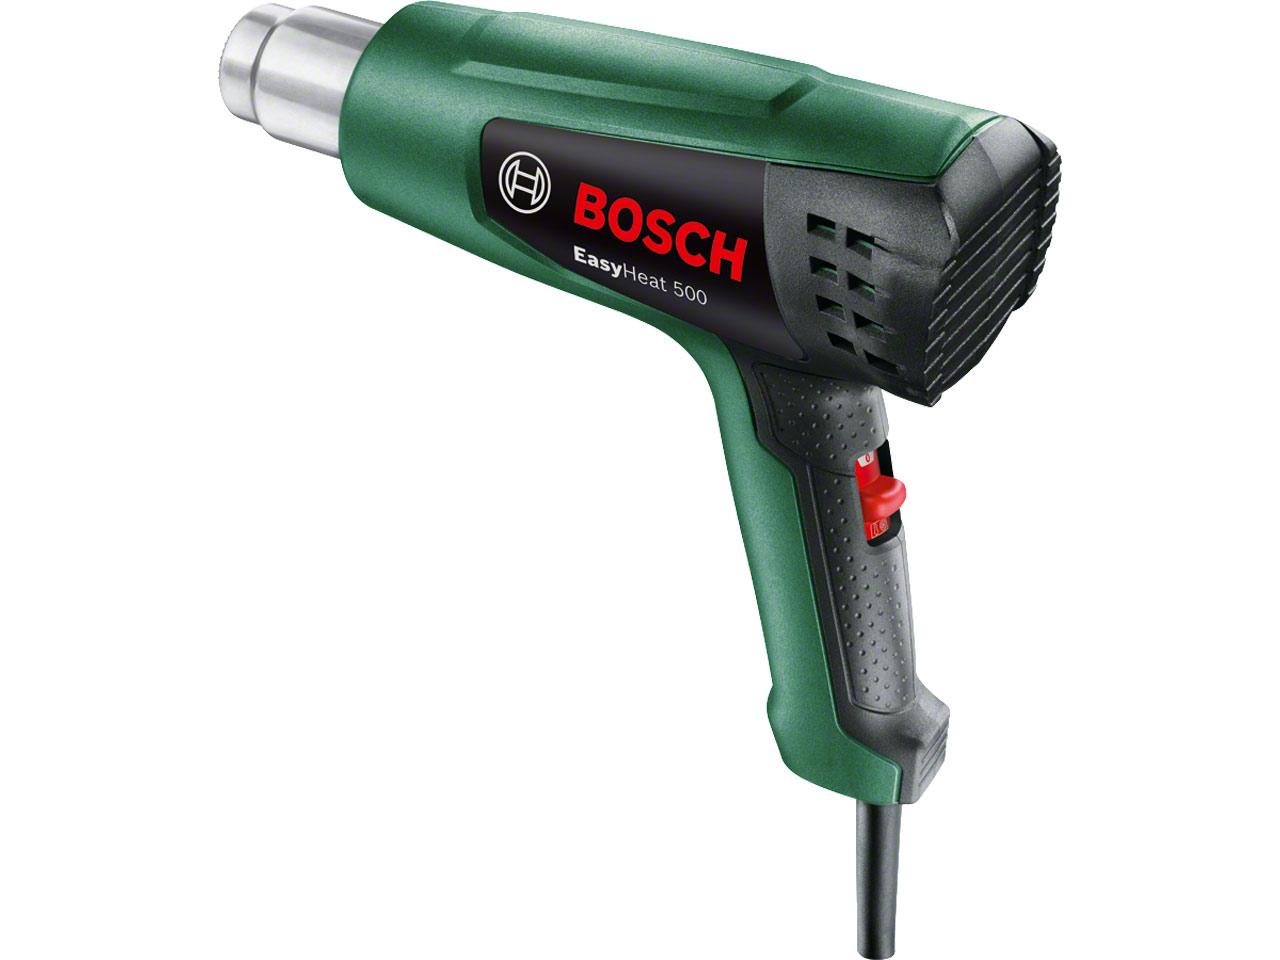 Bosch_06032A6070.jpg